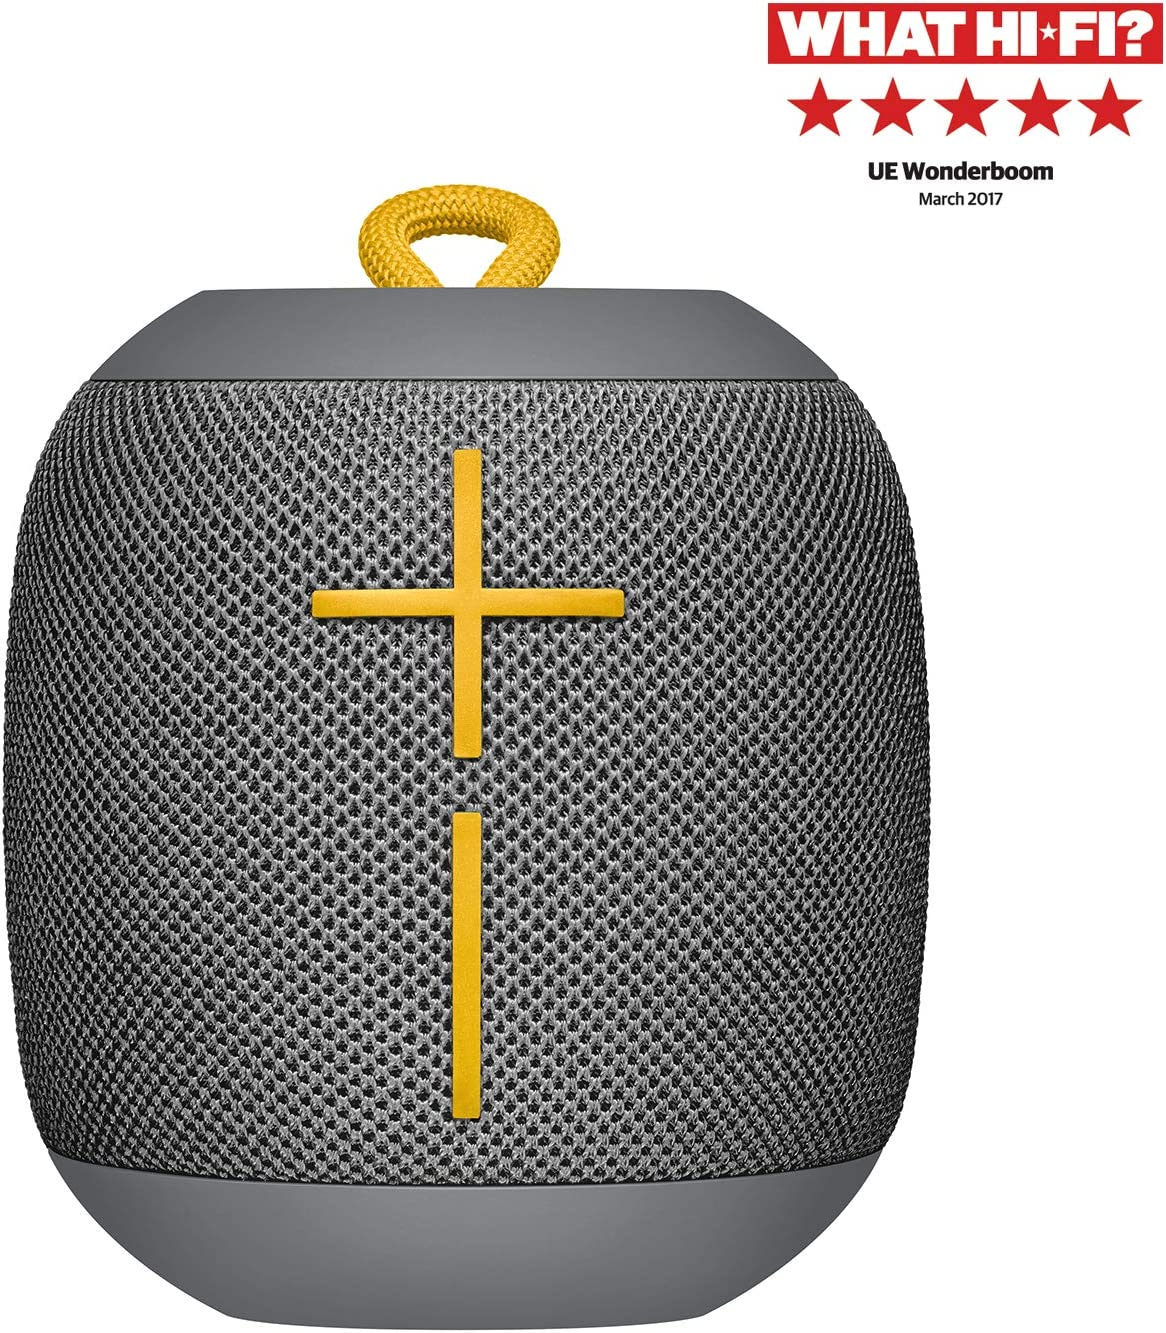 Ultimate Ears Wonderboom Altavoz Portátil Inalámbrico Bluetooth, Sonido Envolvente de 360°, Impermeable, Conexión de 2 Altavoces para Sonido Potente, Batería de 10 h, color Gris